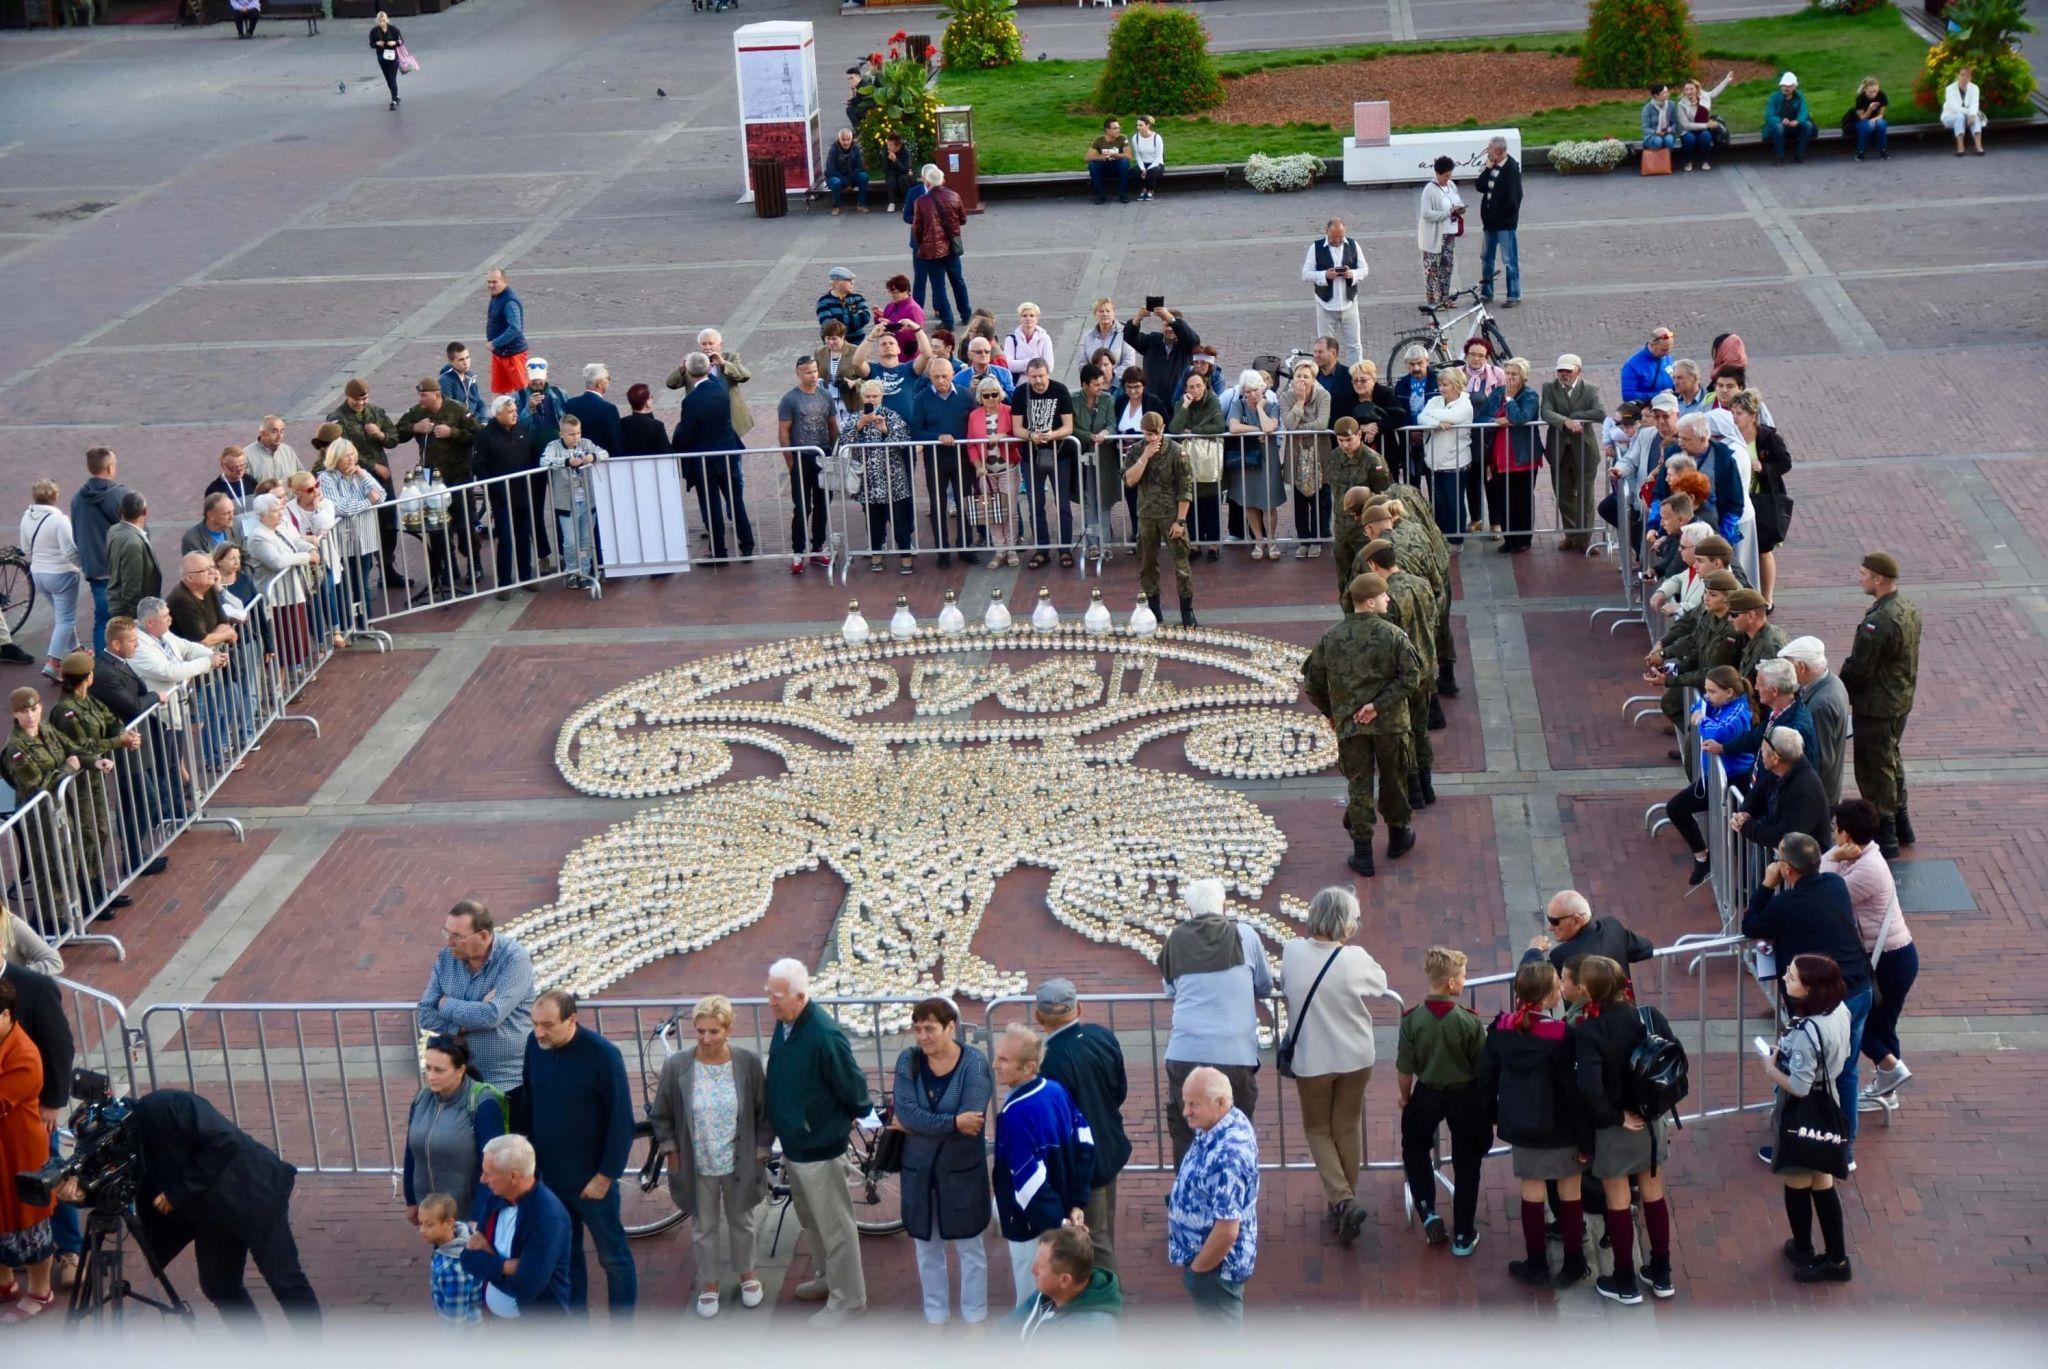 dsc 7329 Tyle zniczy ilu zamordowanych w Katyniu (dużo zdjęć)